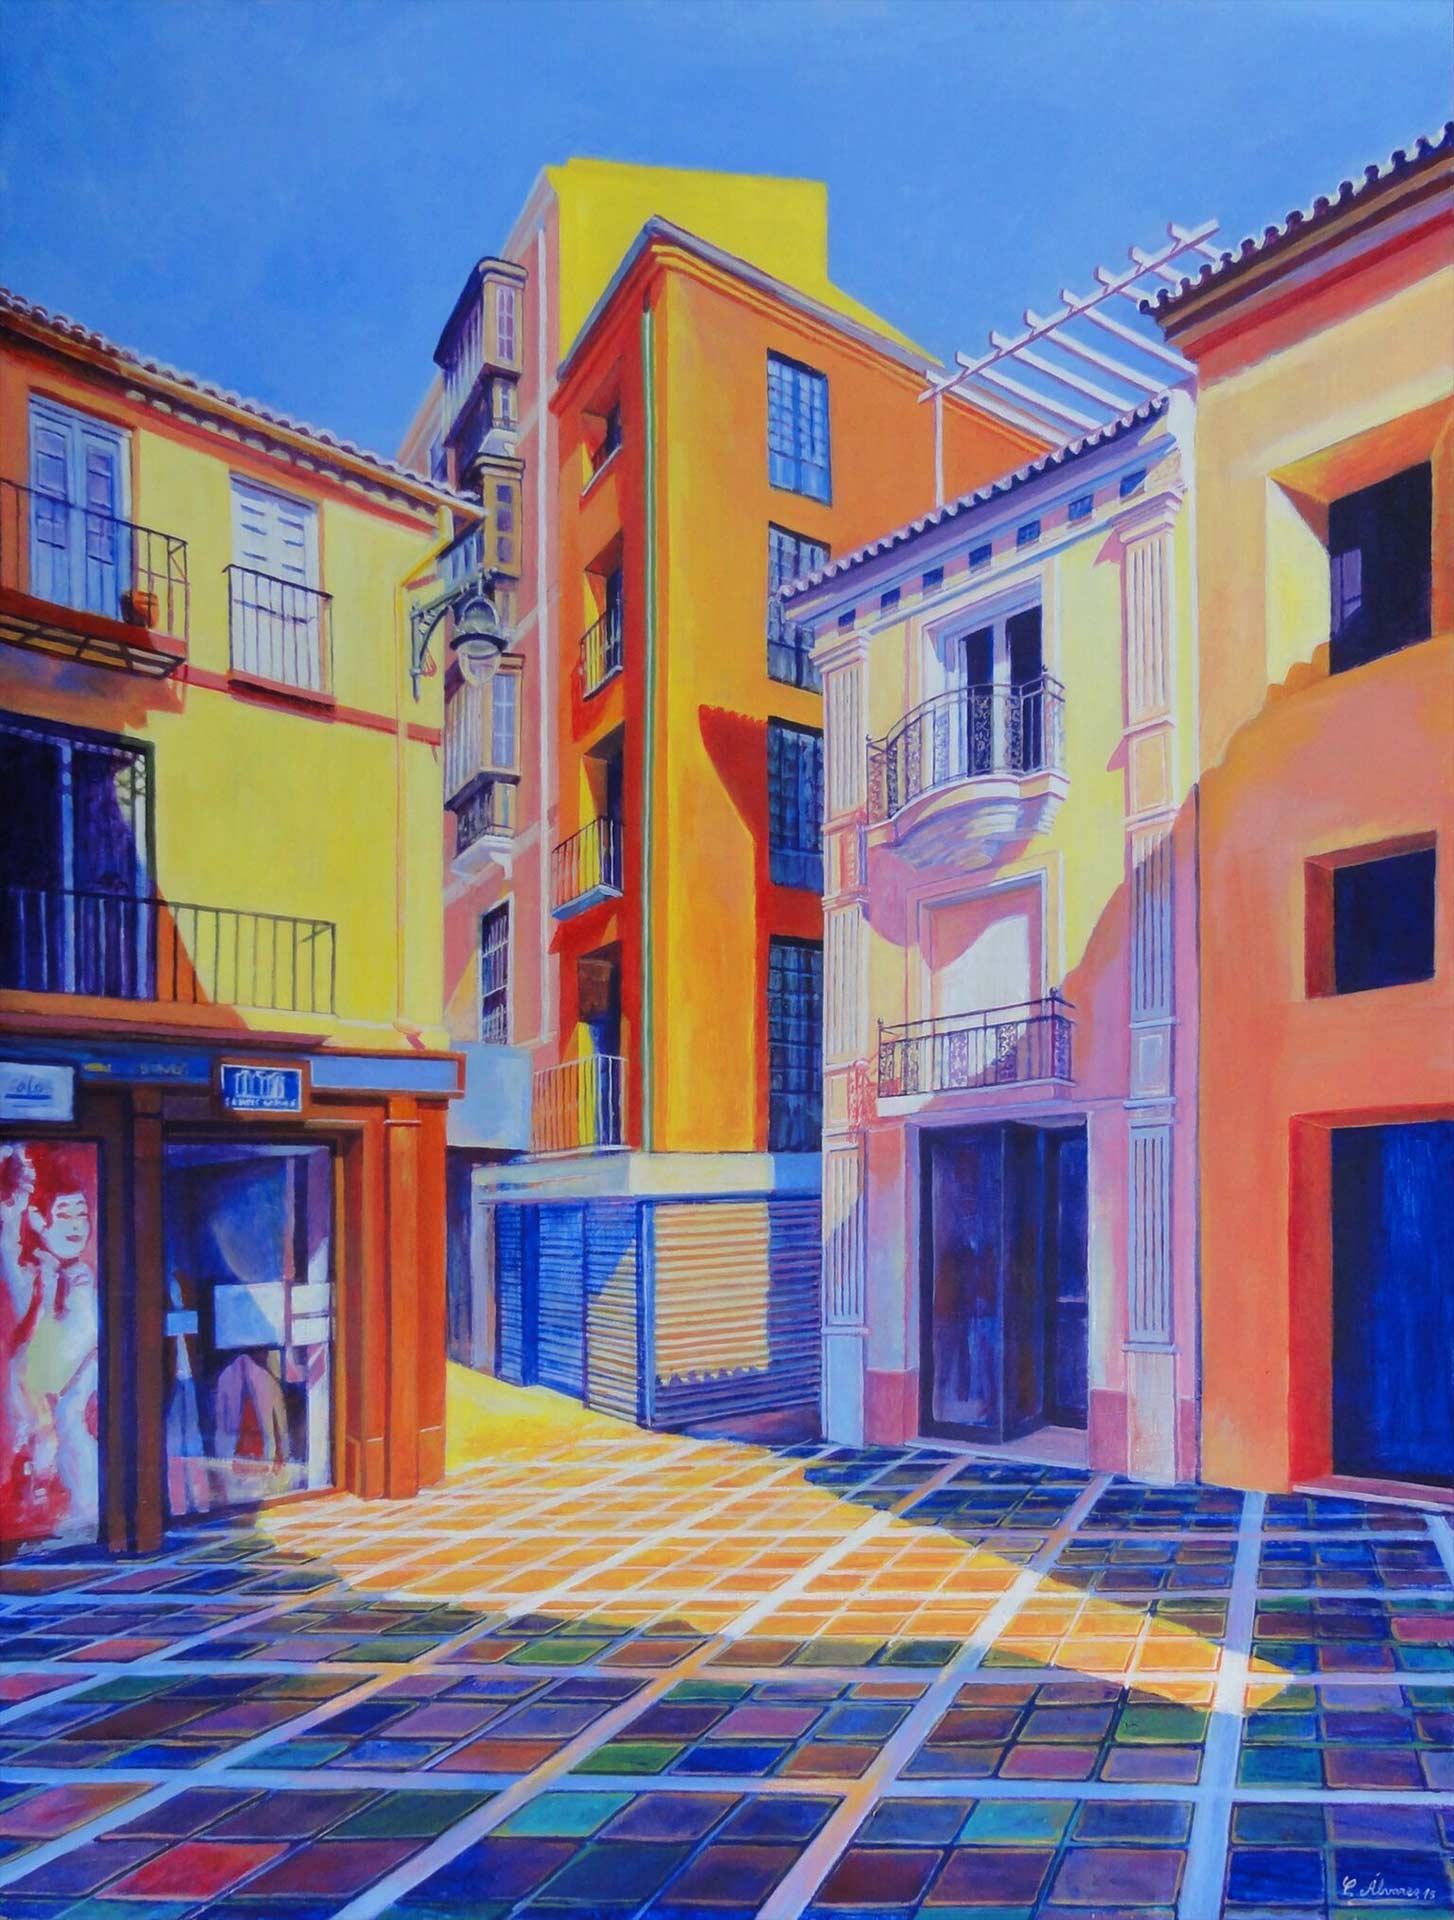 Stoa_Hacia el postigo de San Juan